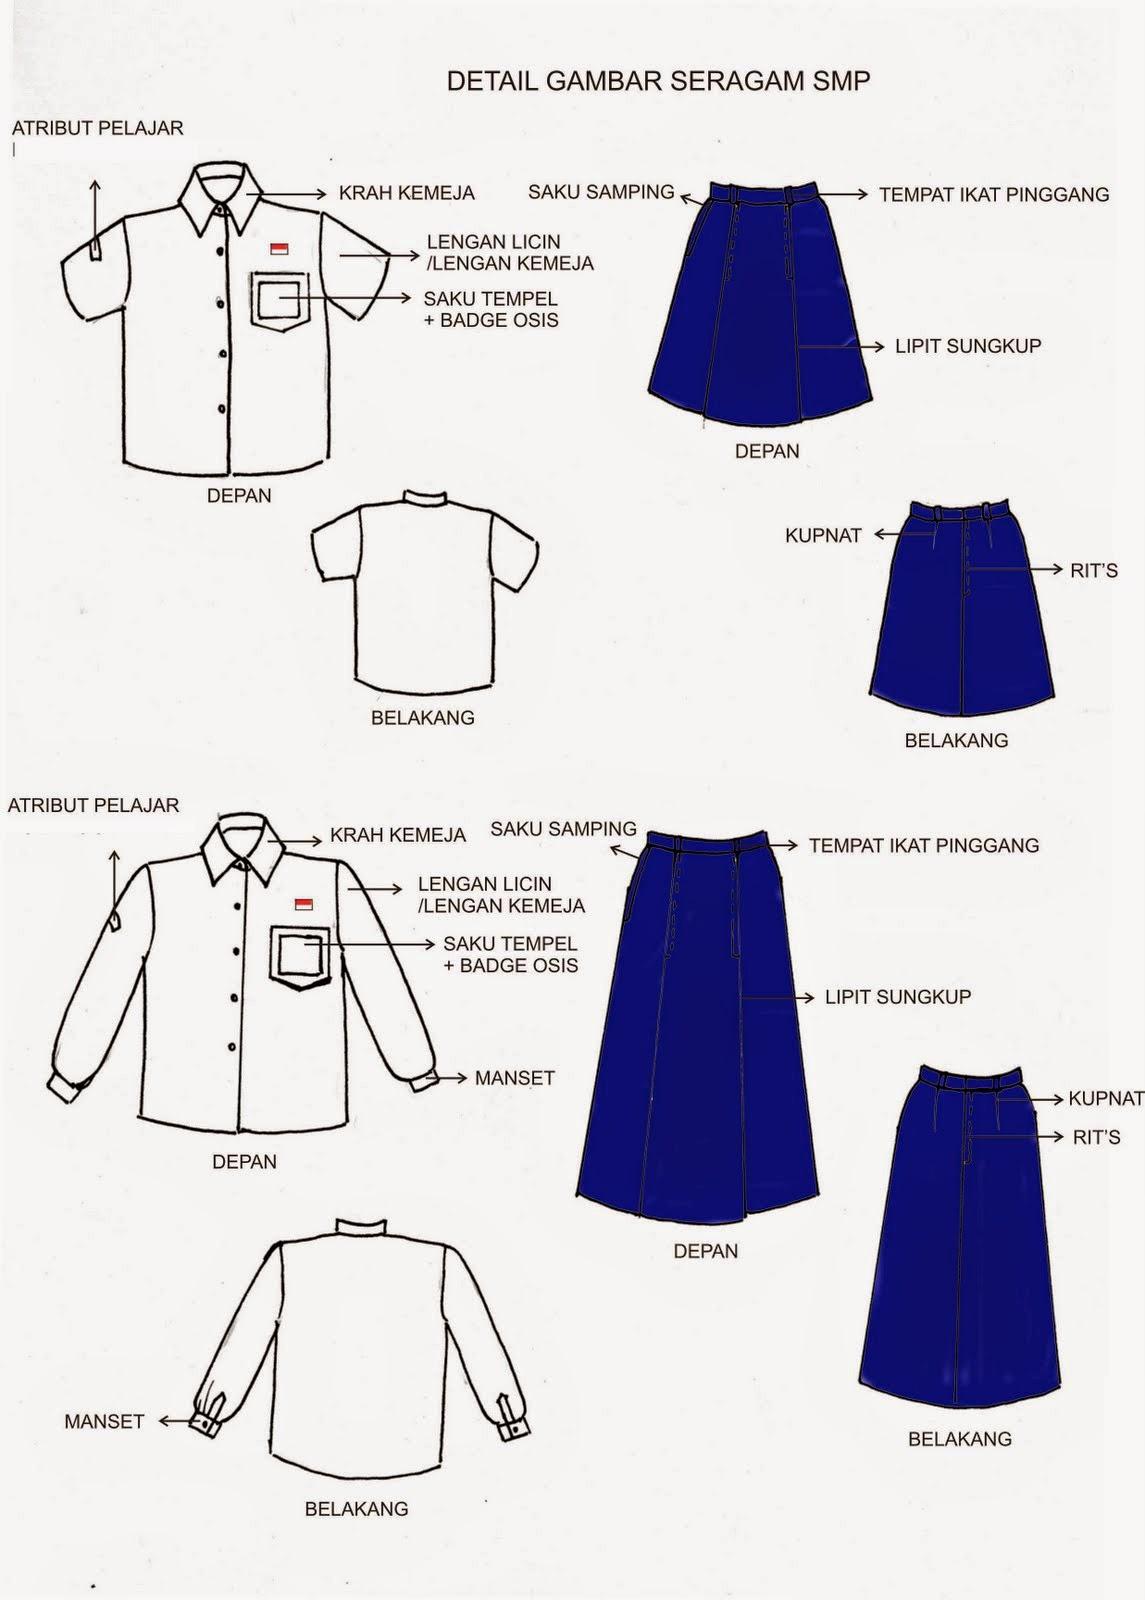 peraturan menteri pendidikan dan kebudayaan tentang seragam nasional, seragam sekolah dan seragam kepramukaan Permendikbud Nomor 45 Tahun 2014